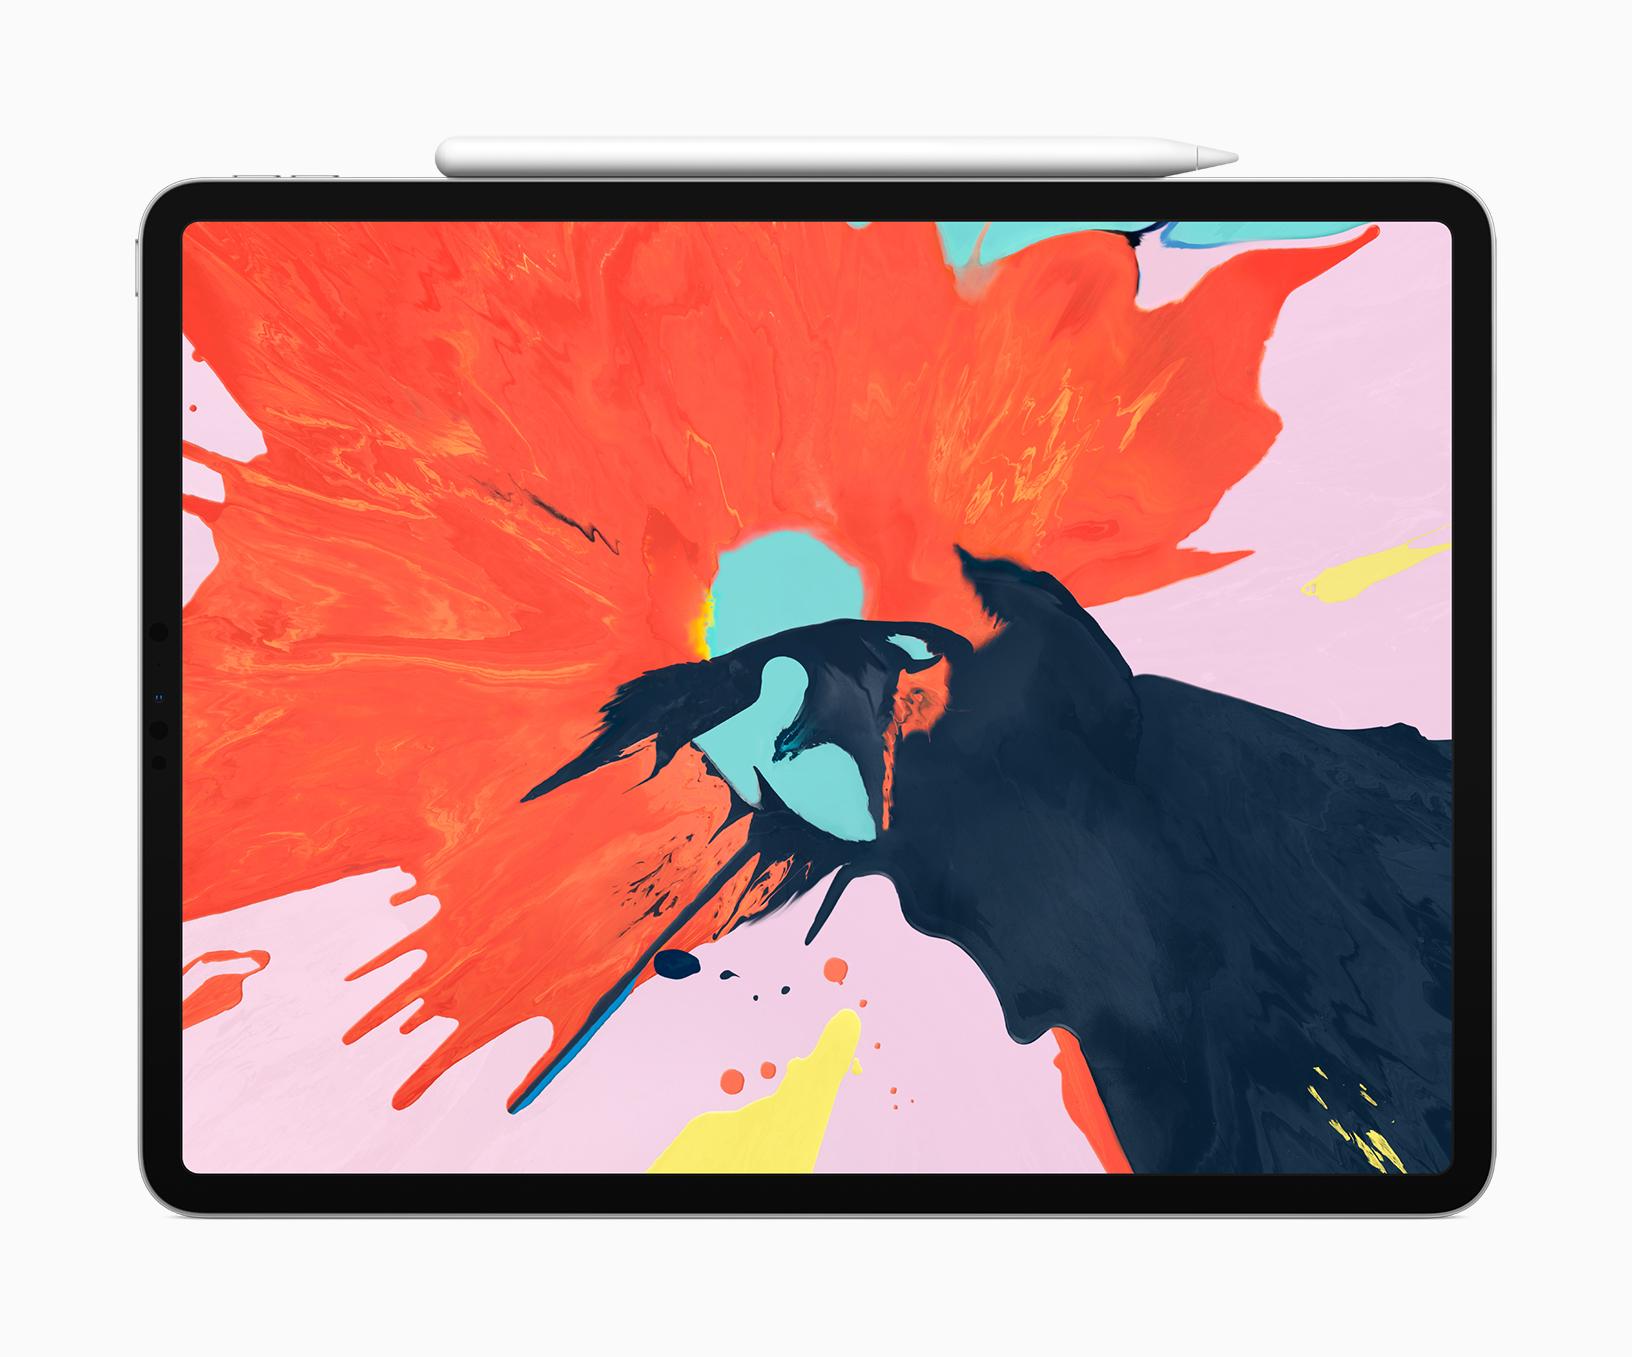 Yeni iPad Pro için Kullanım İpuçları